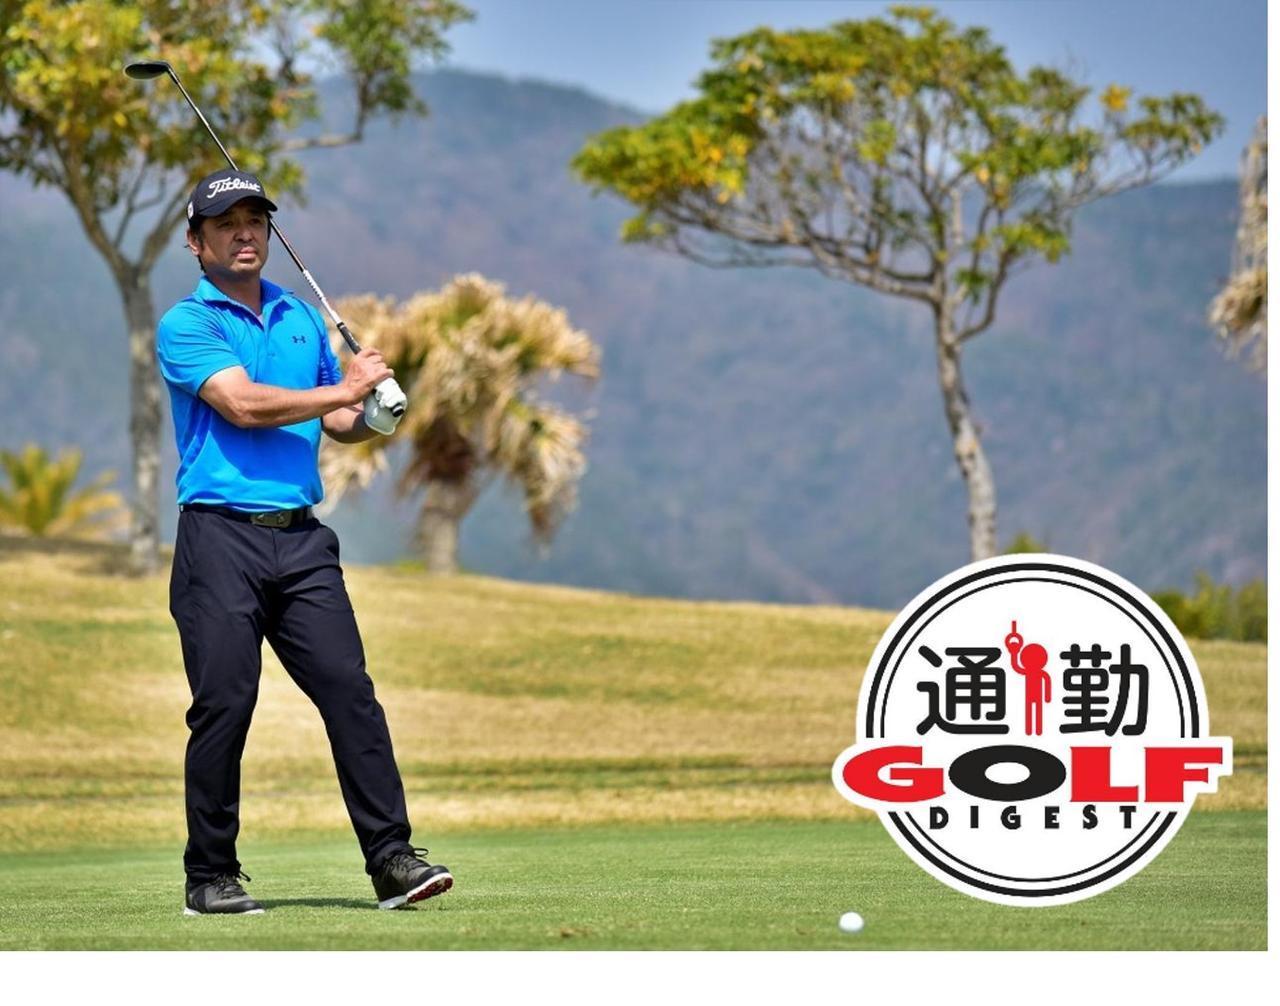 画像: 【通勤GD】伊澤利光「イザワの法則」Vol.25 なぜ練習場のようにコースで打てないの? ゴルフダイジェストWEB - ゴルフへ行こうWEB by ゴルフダイジェスト